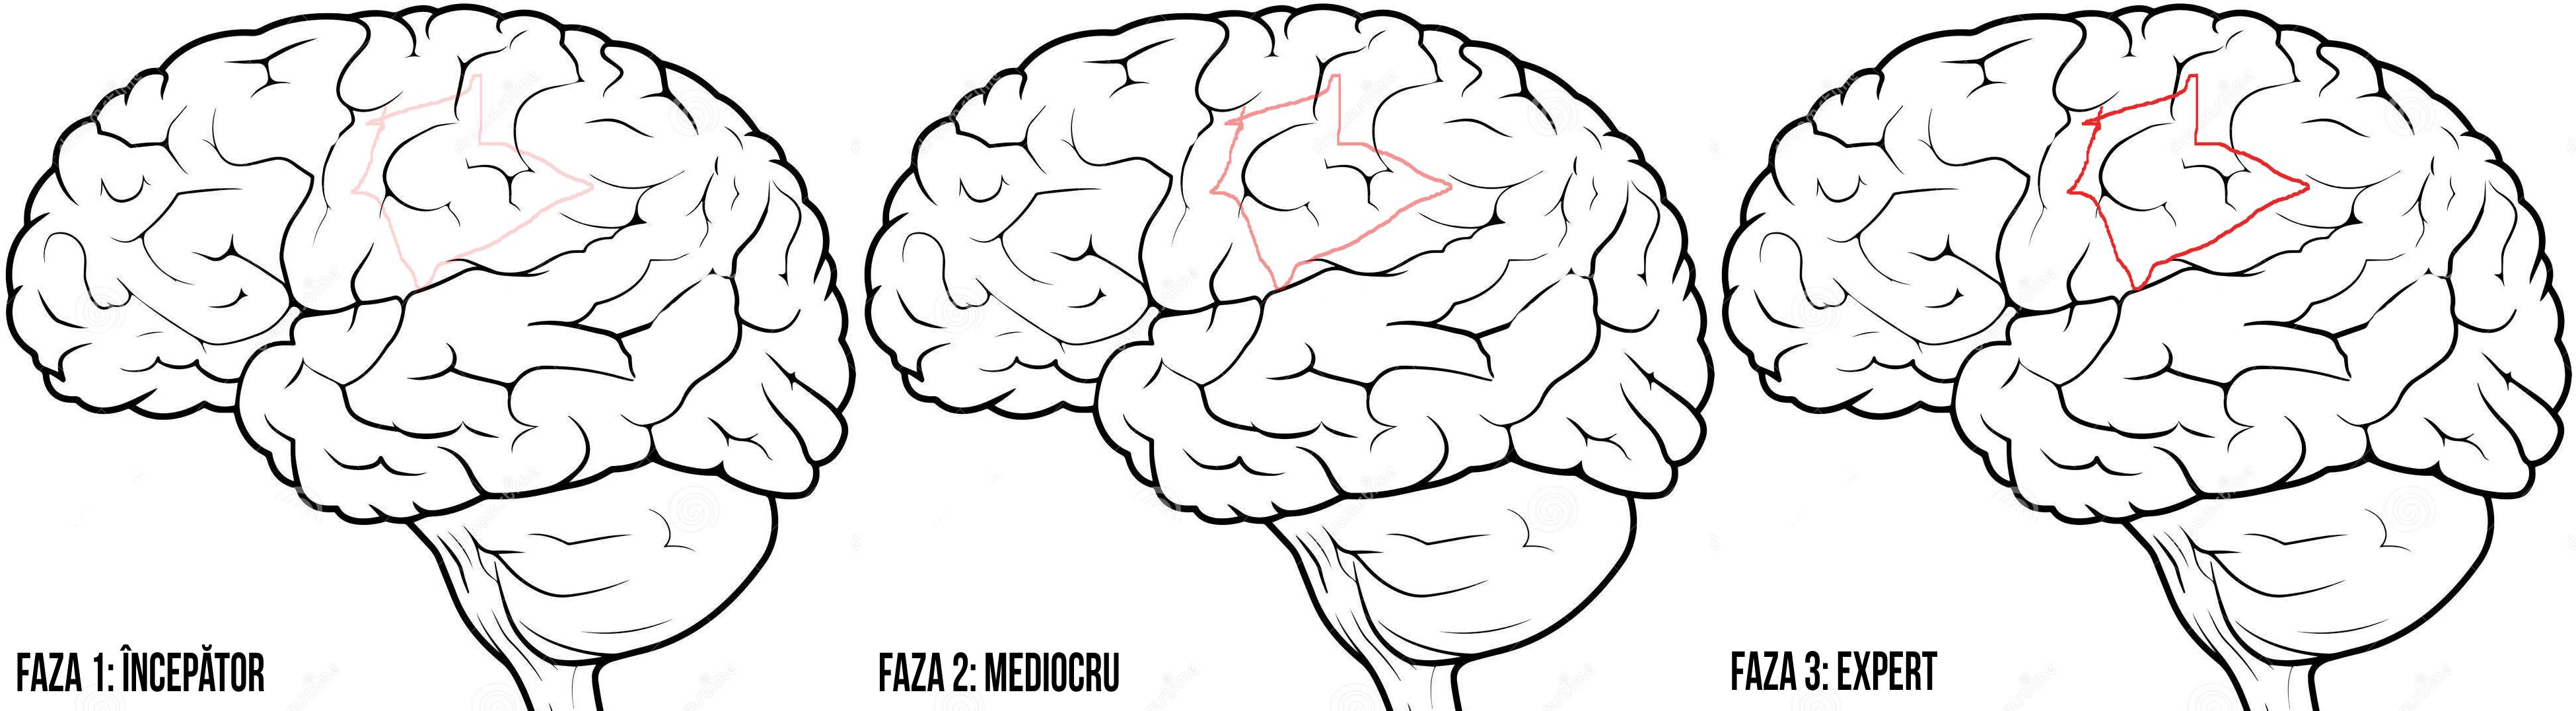 Creierul si alergarea fazele